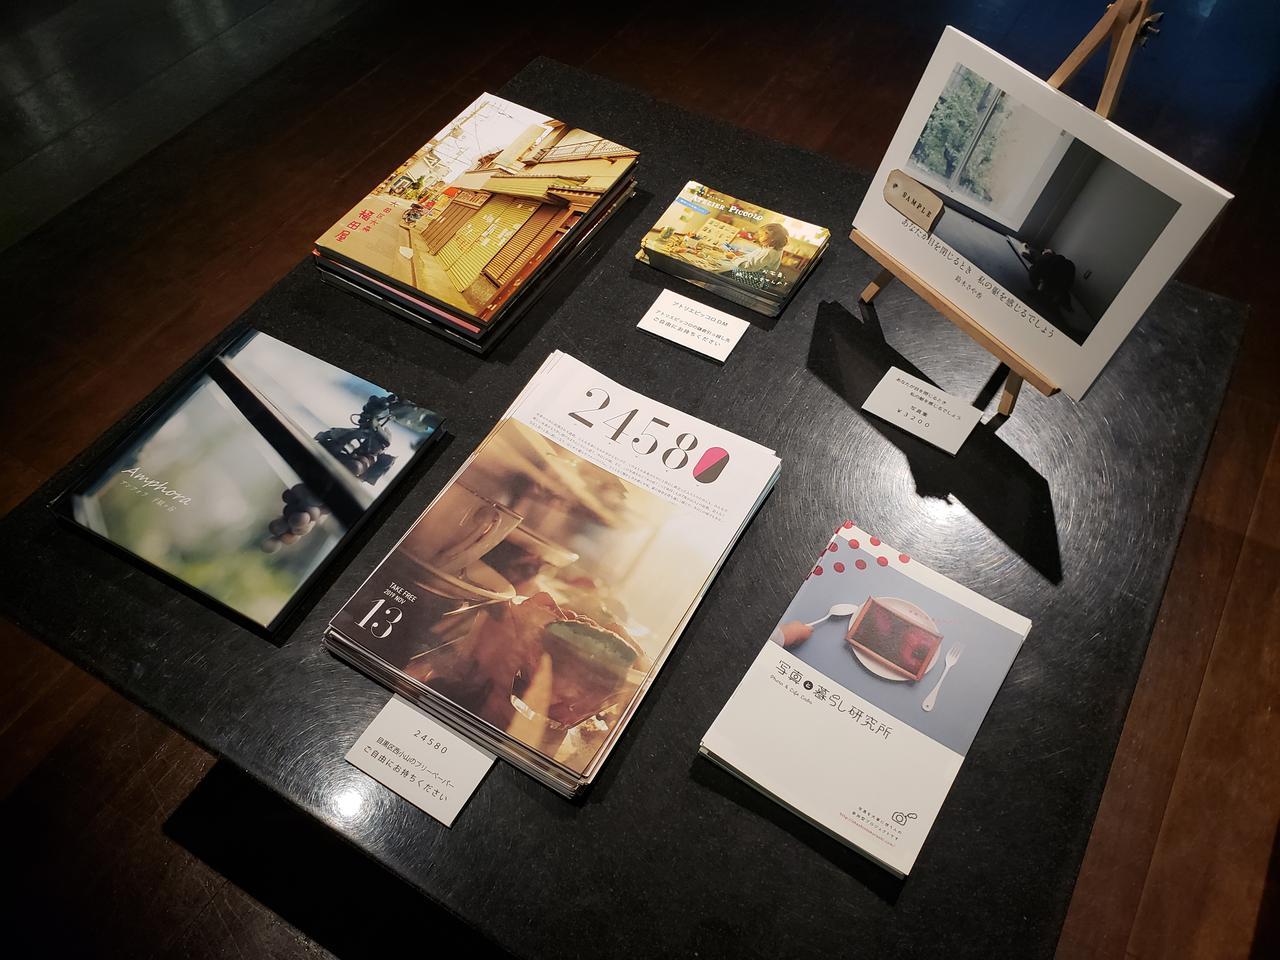 画像: ▲会場では、本展と同タイトルの写真集「あなたが目を閉じるとき 私の躰を感じるでしょう」(3,200円)も販売中です。また写真展にご来場された皆様に、会場と隣接するキヤノンショールームで、鈴木さんが撮影した鎌倉の写真のプレゼントも!